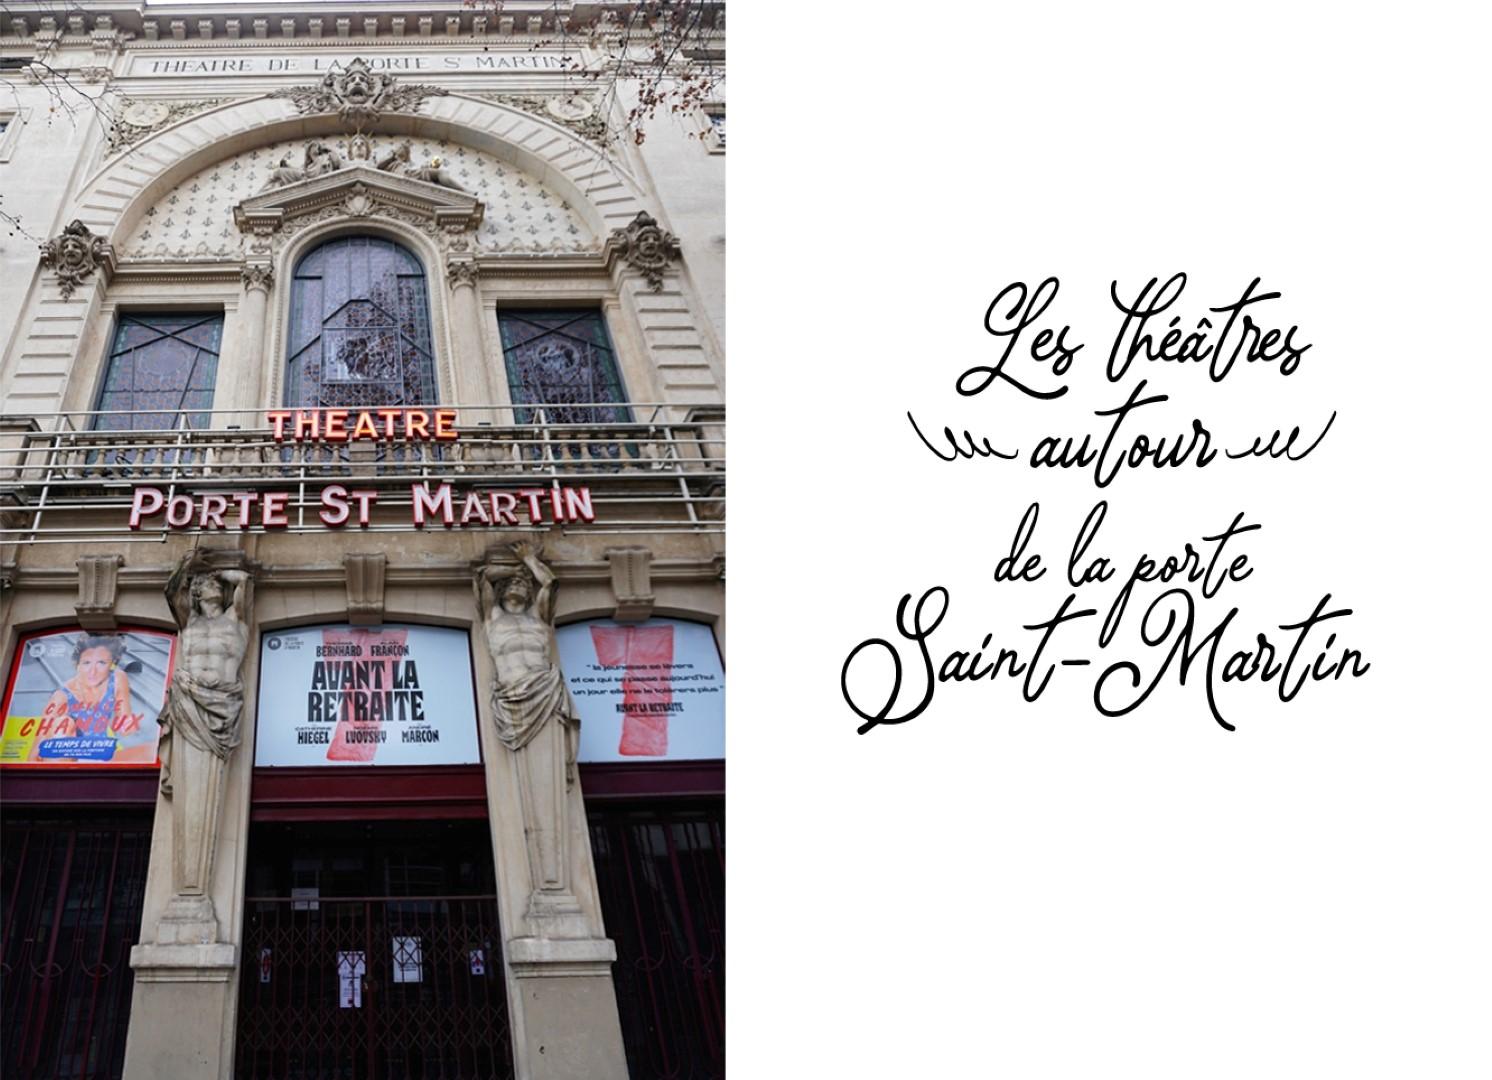 Théâtres des Grands Boulevards - Balade dans les 9e et 10e arrondissements de Paris - De place de la République à Pigalle